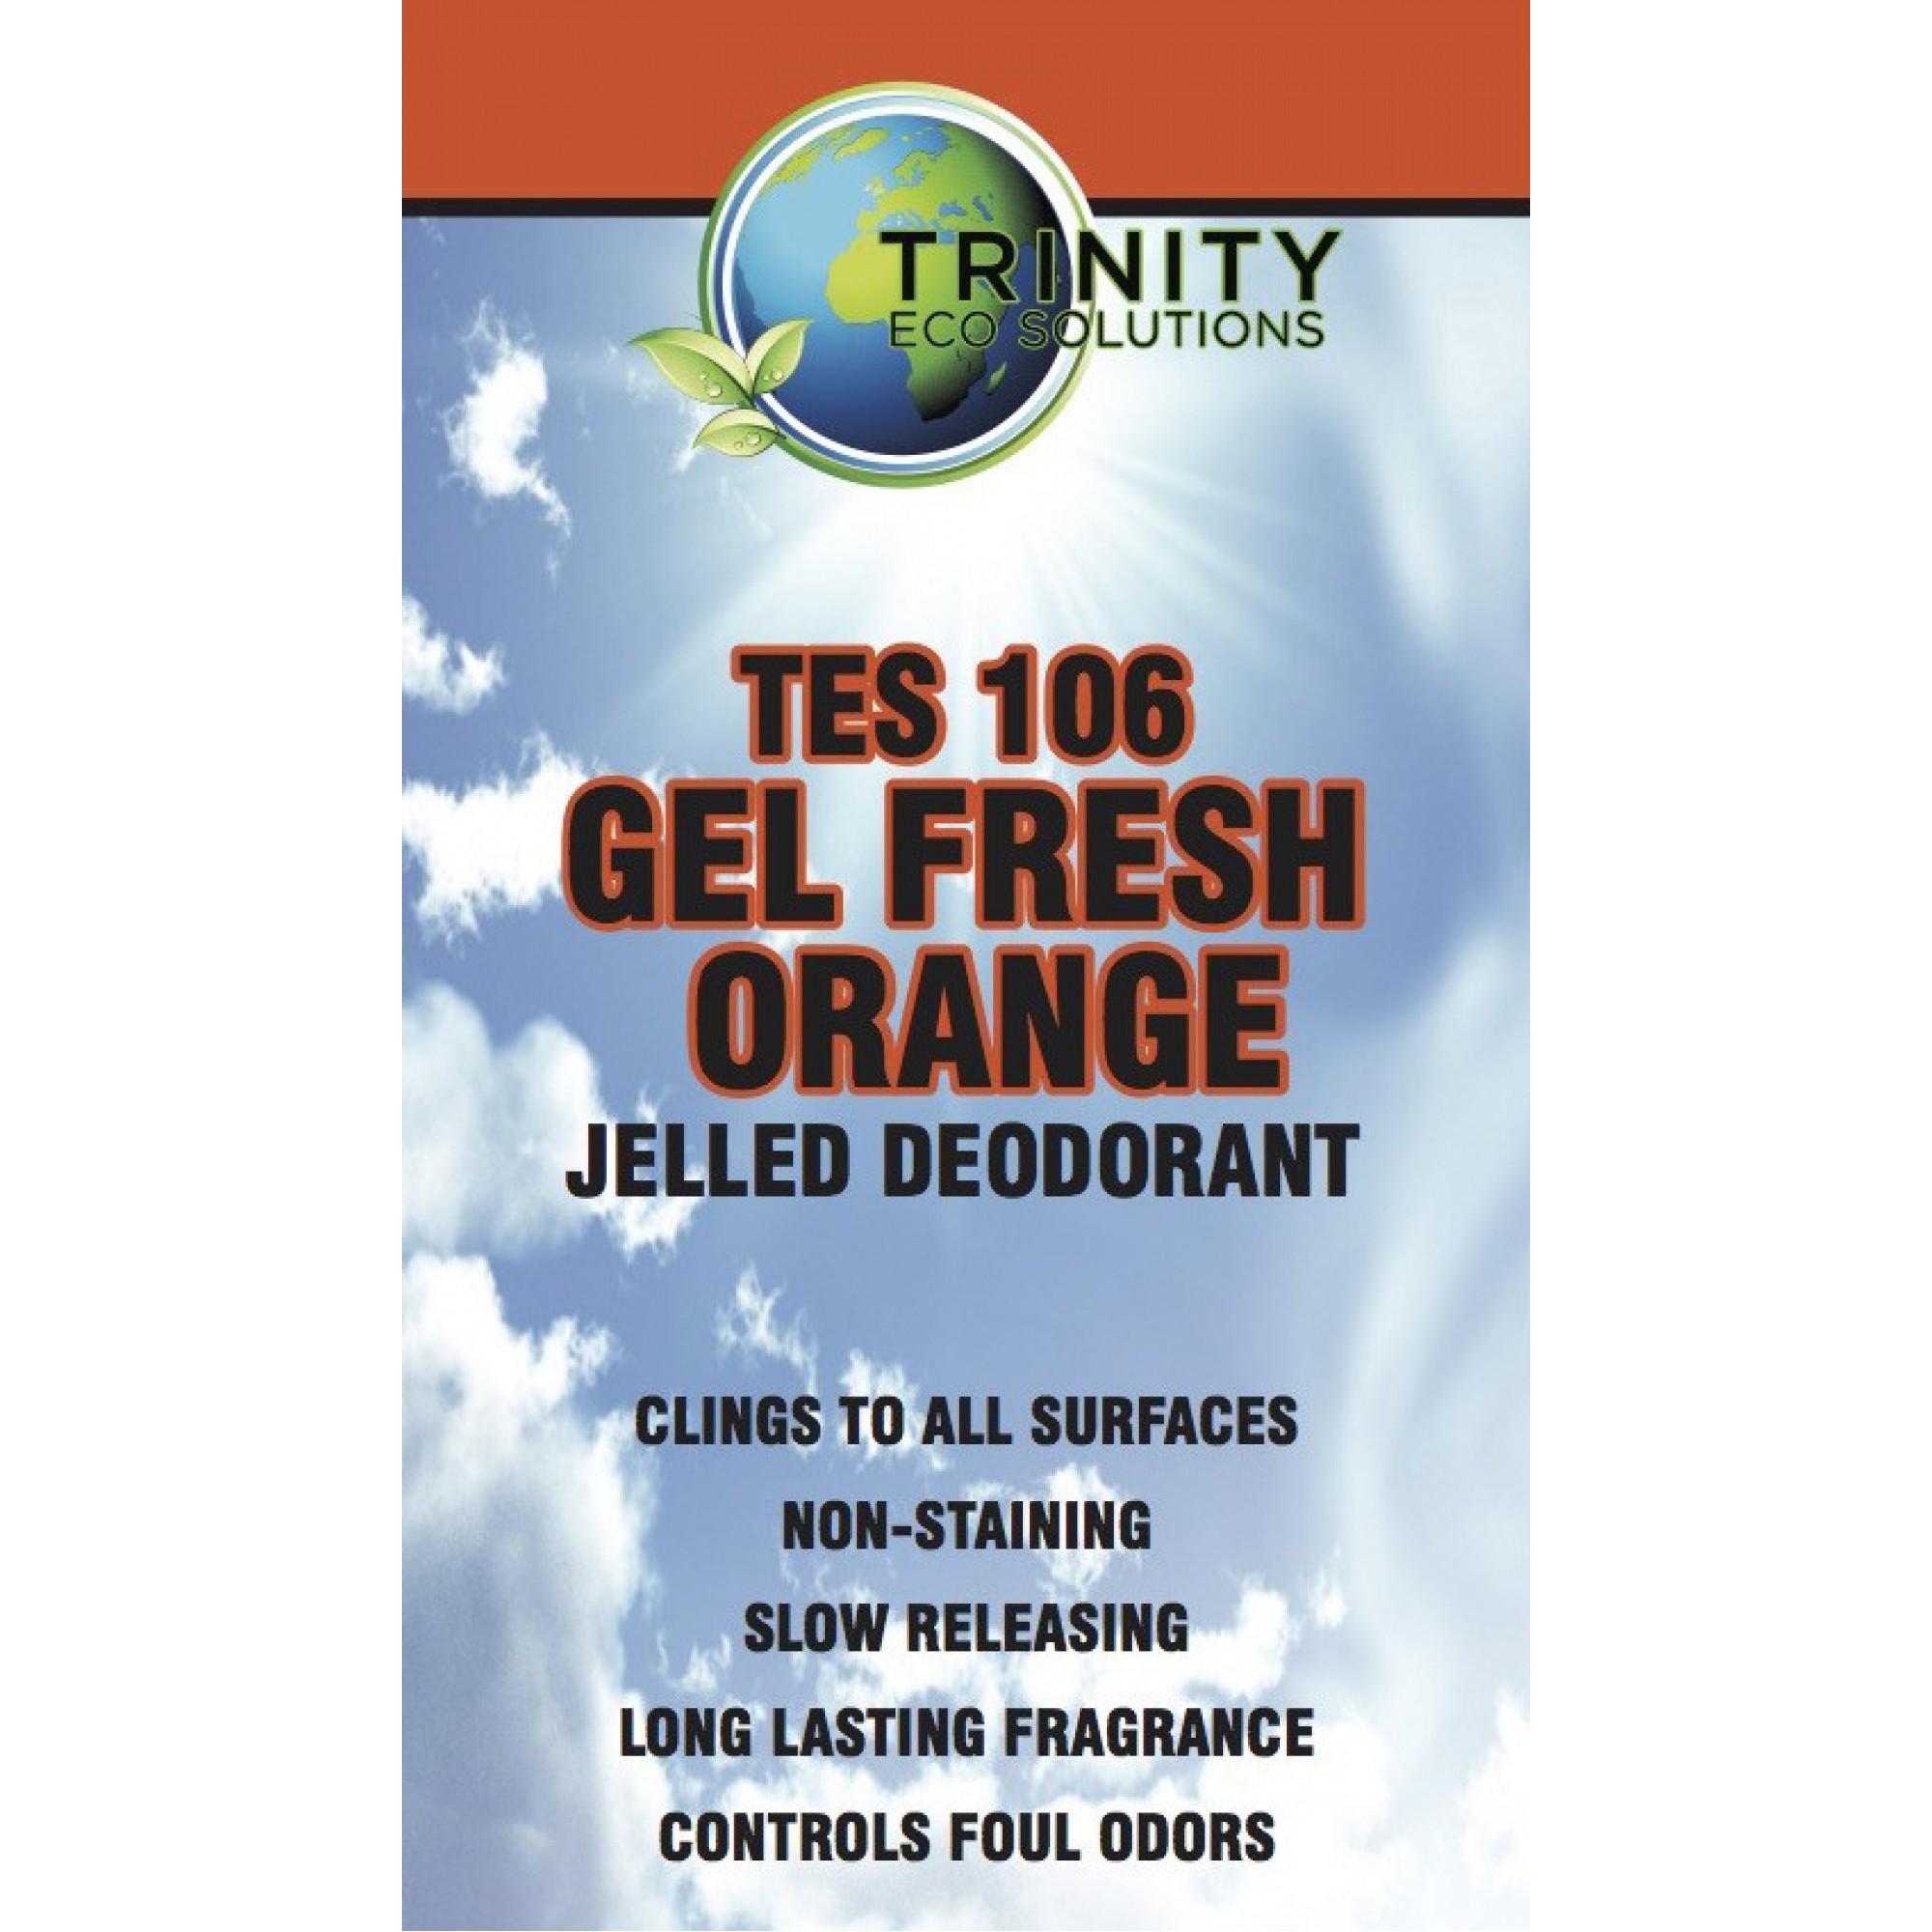 TES 106 Gel Fresh Orange